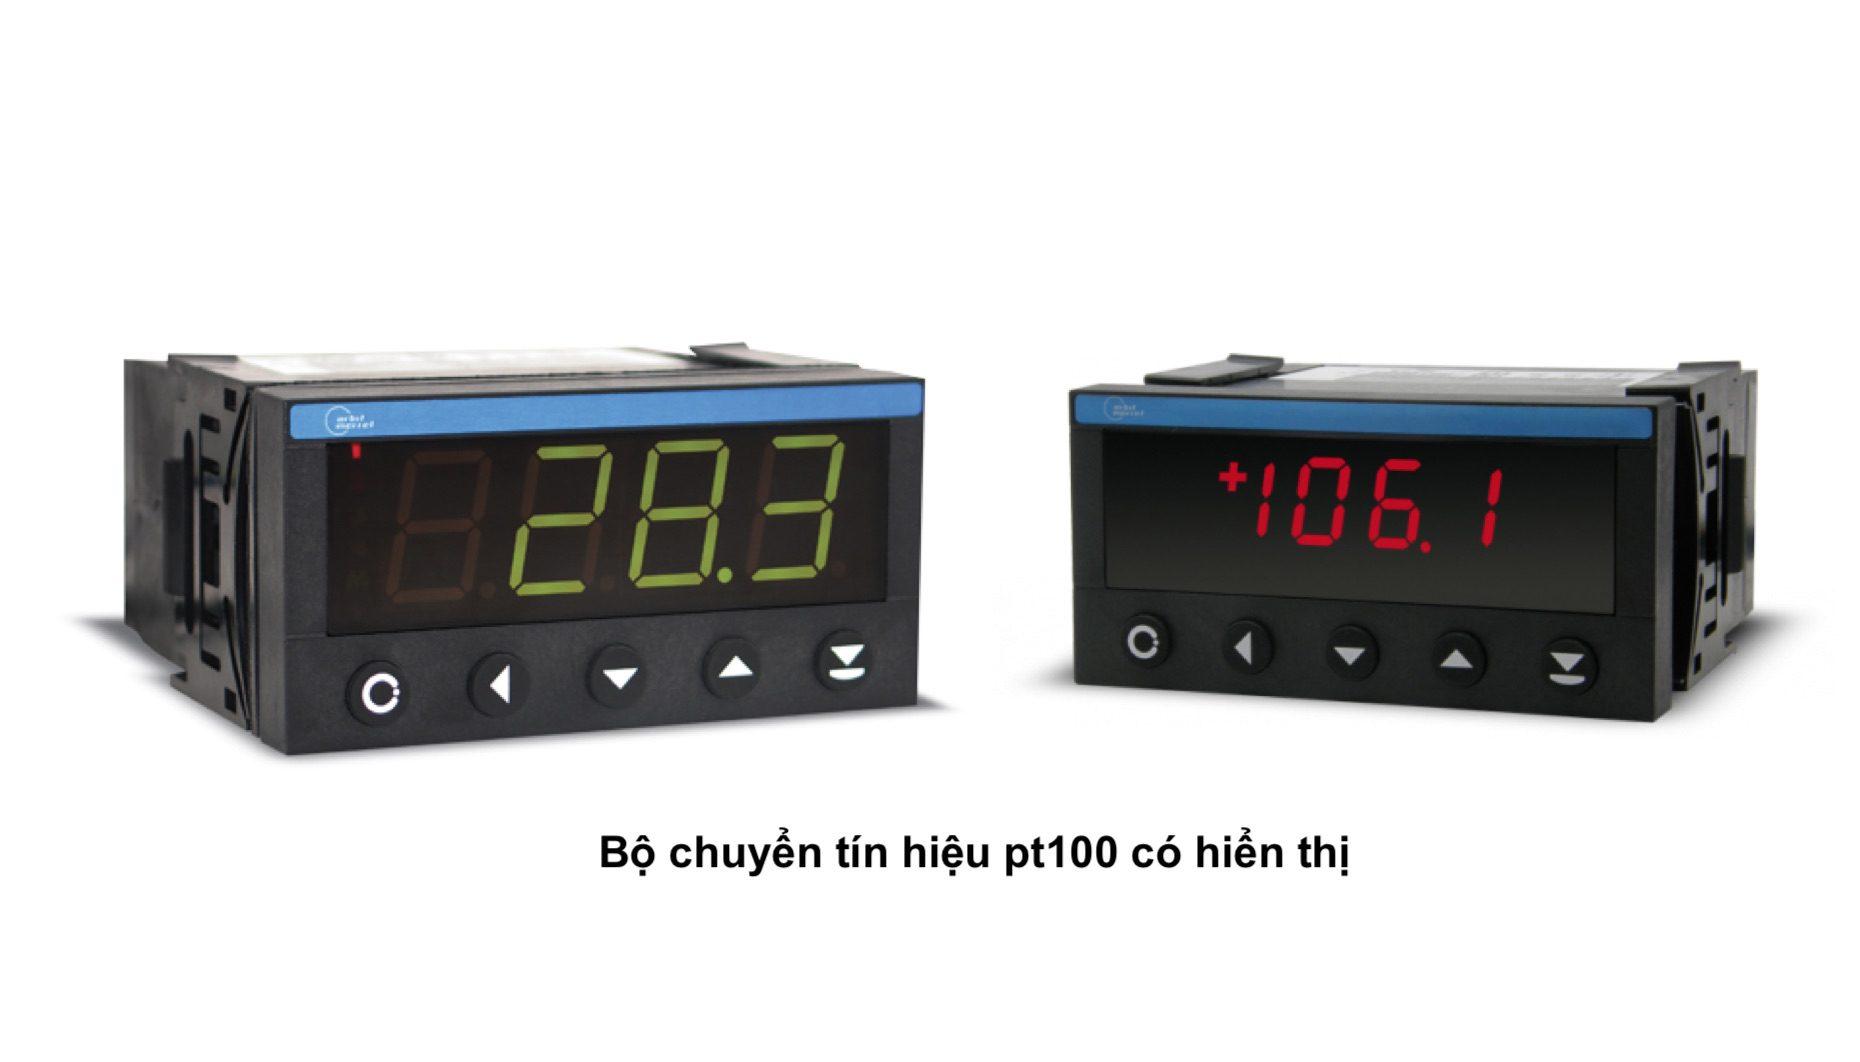 Bộ chuyển nhiệt độ cảm biến Pt100 có hiển thị